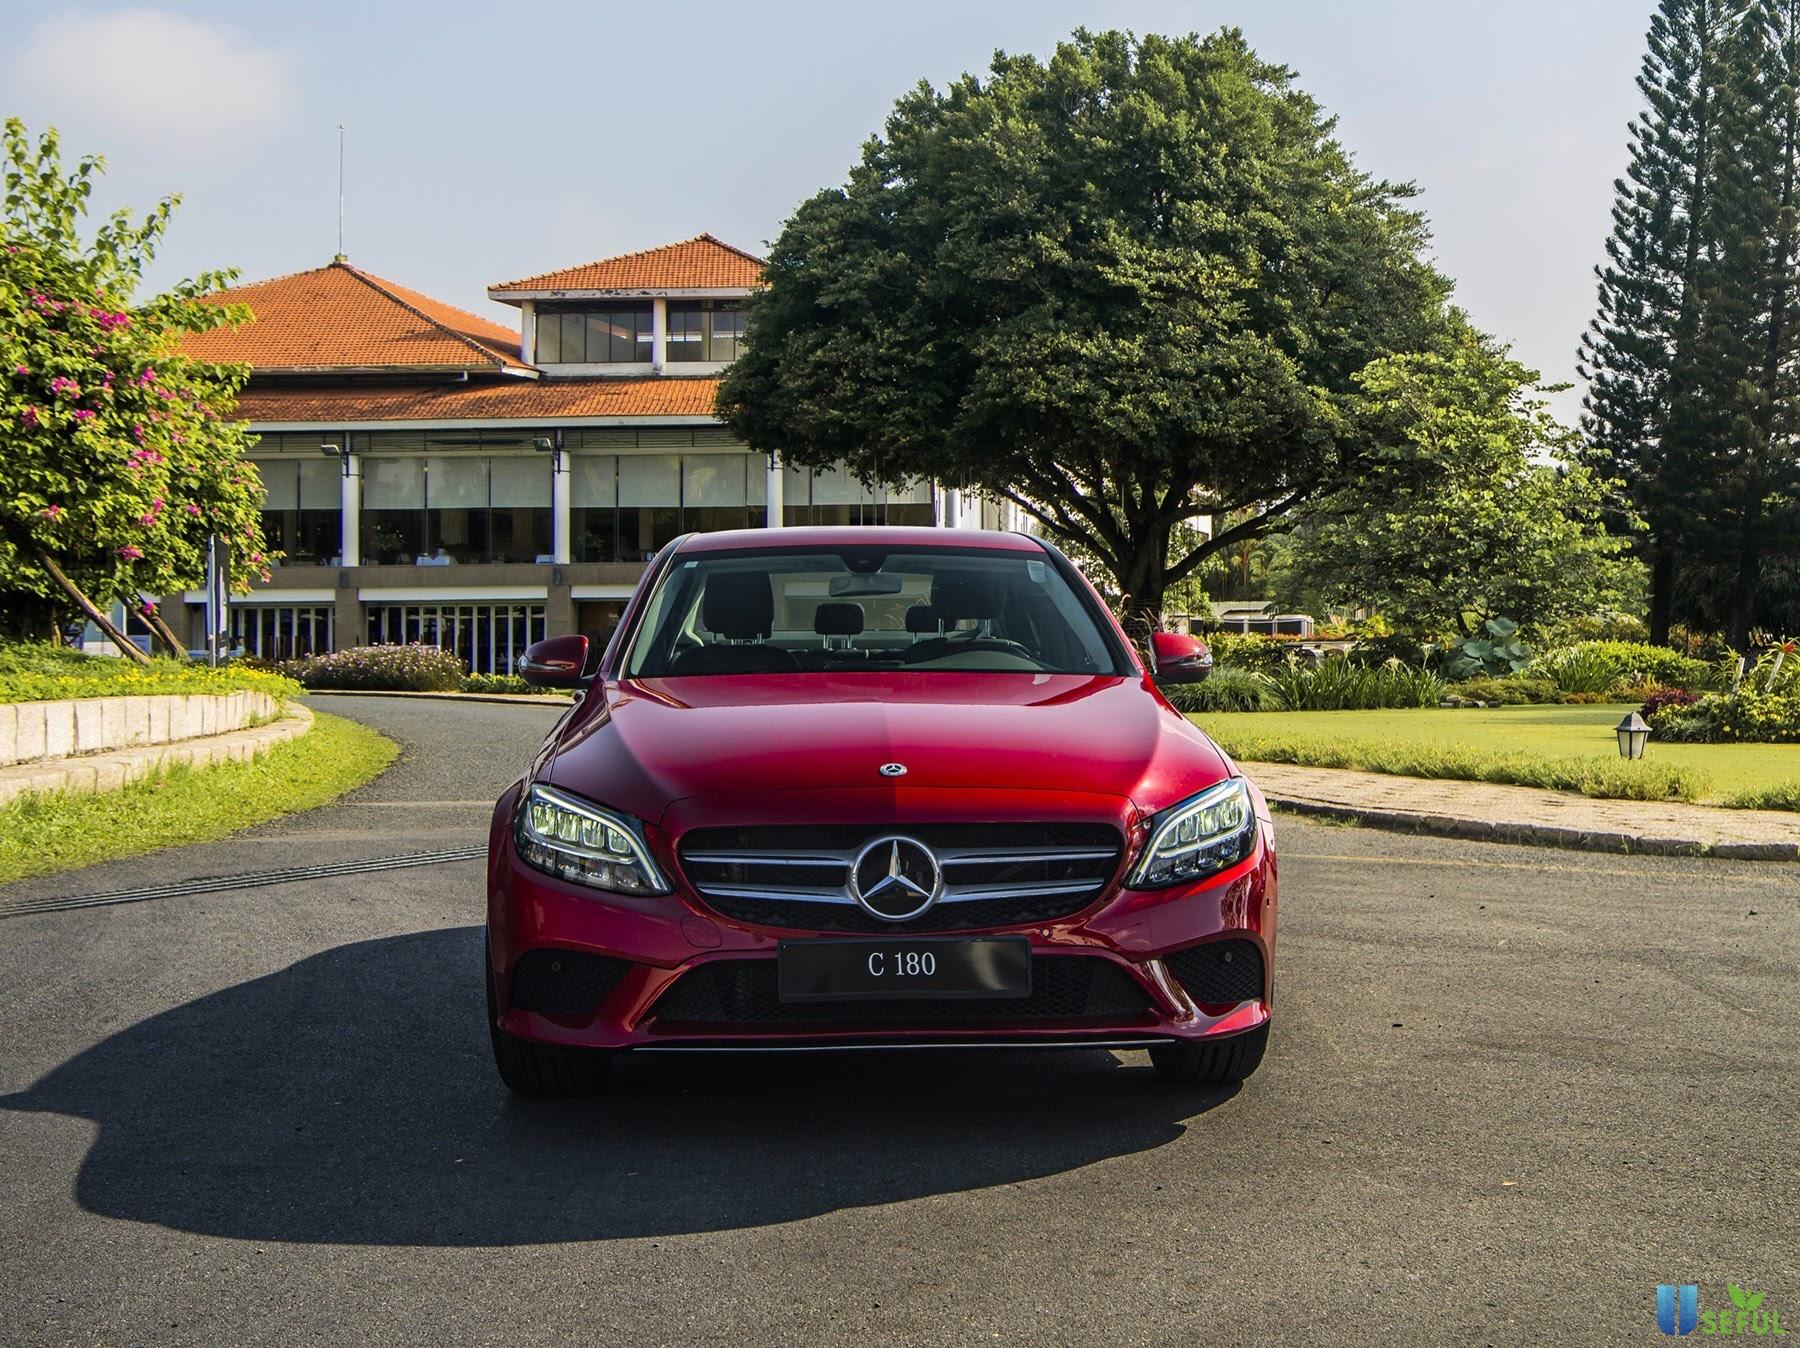 Mercedes C180 2021 Giảm Giá Lớn Nhất Thị Trường, Tặng Phụ Kiện